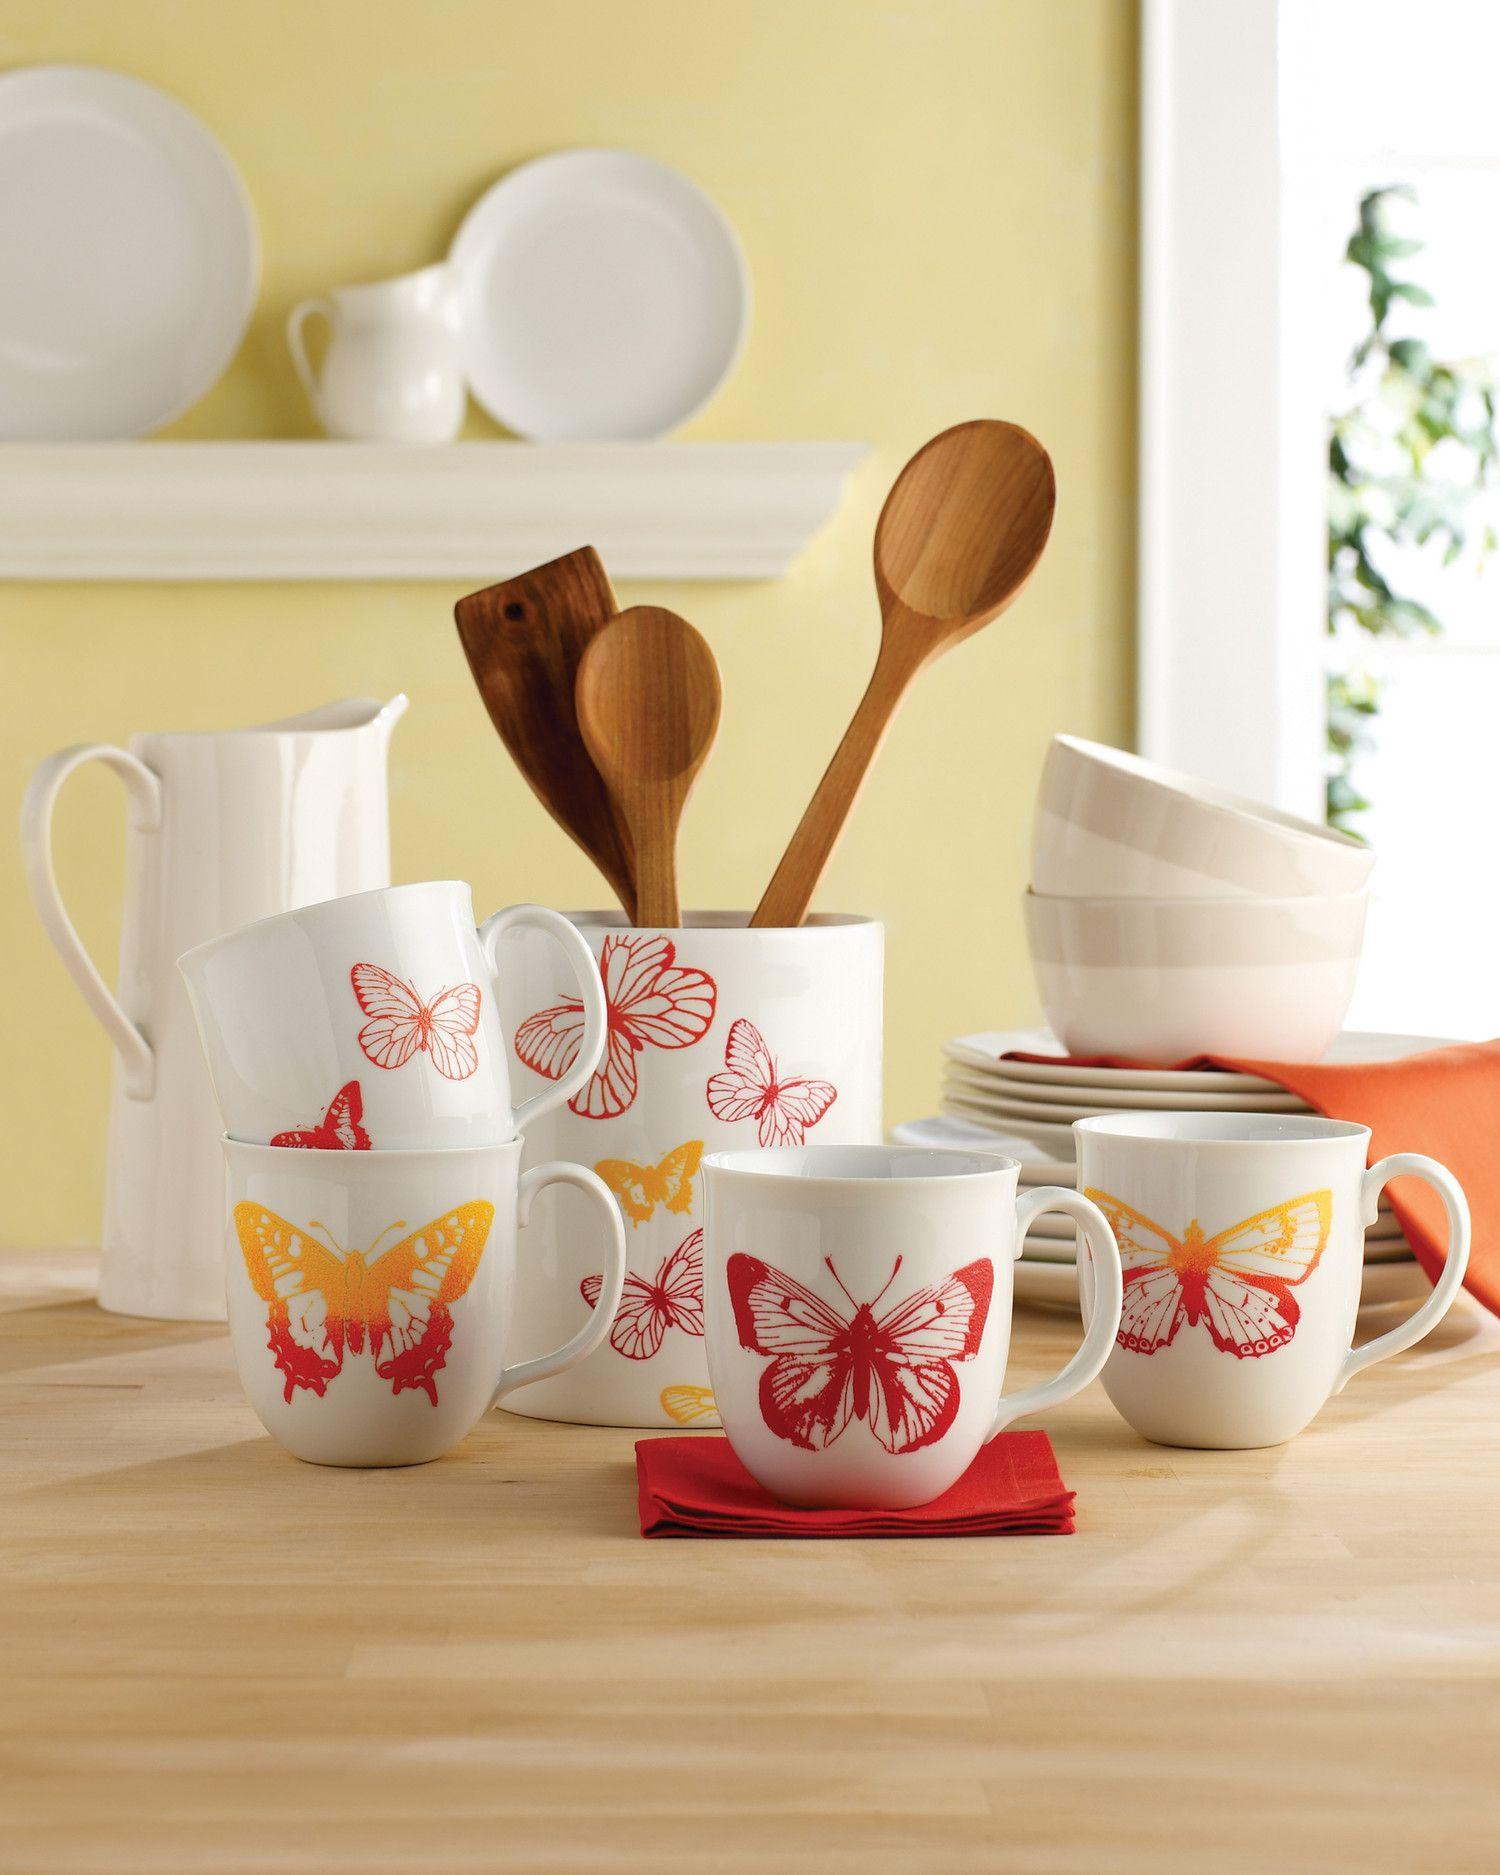 18+ Martha stewart crafts products ideas in 2021